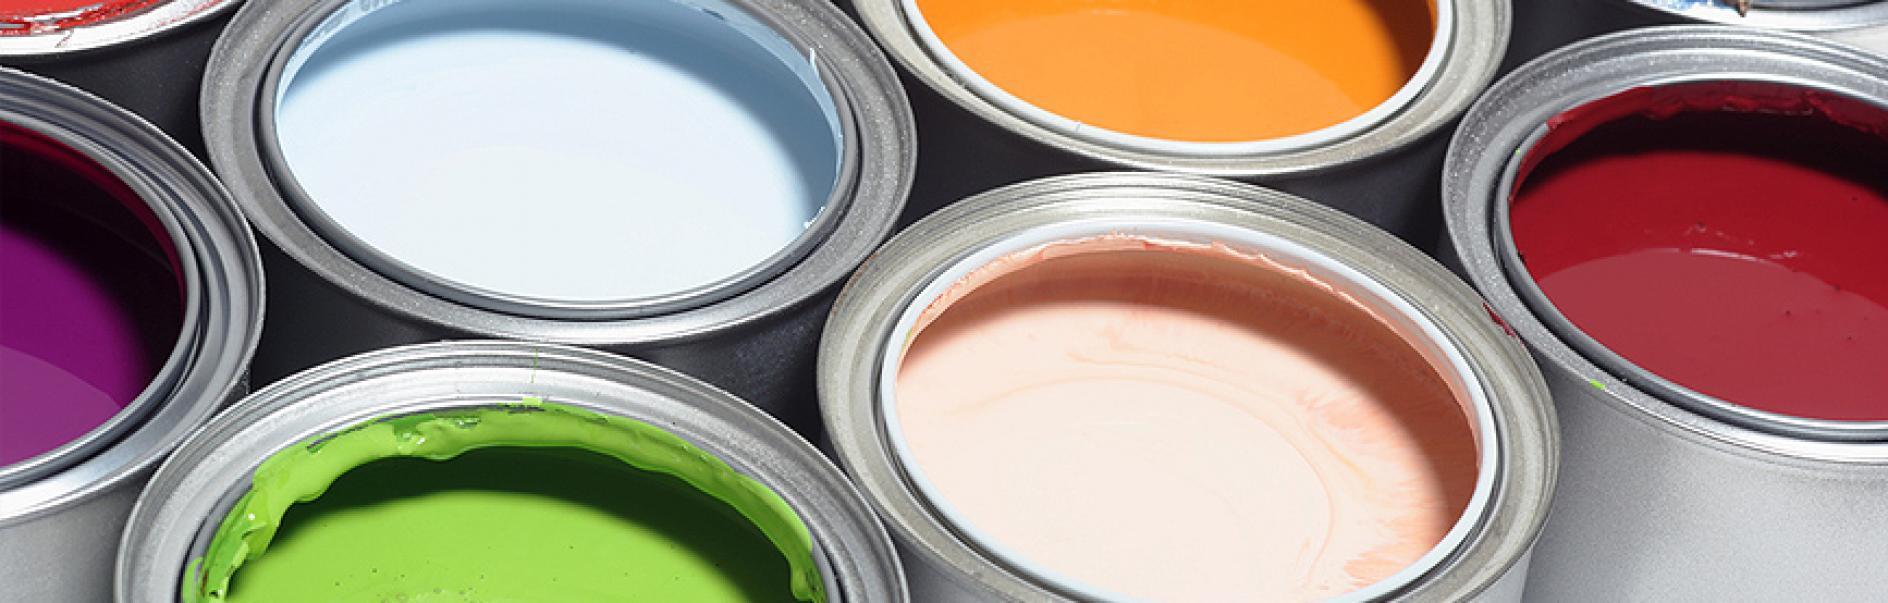 Verschiedene Arten von Farben und Lacken